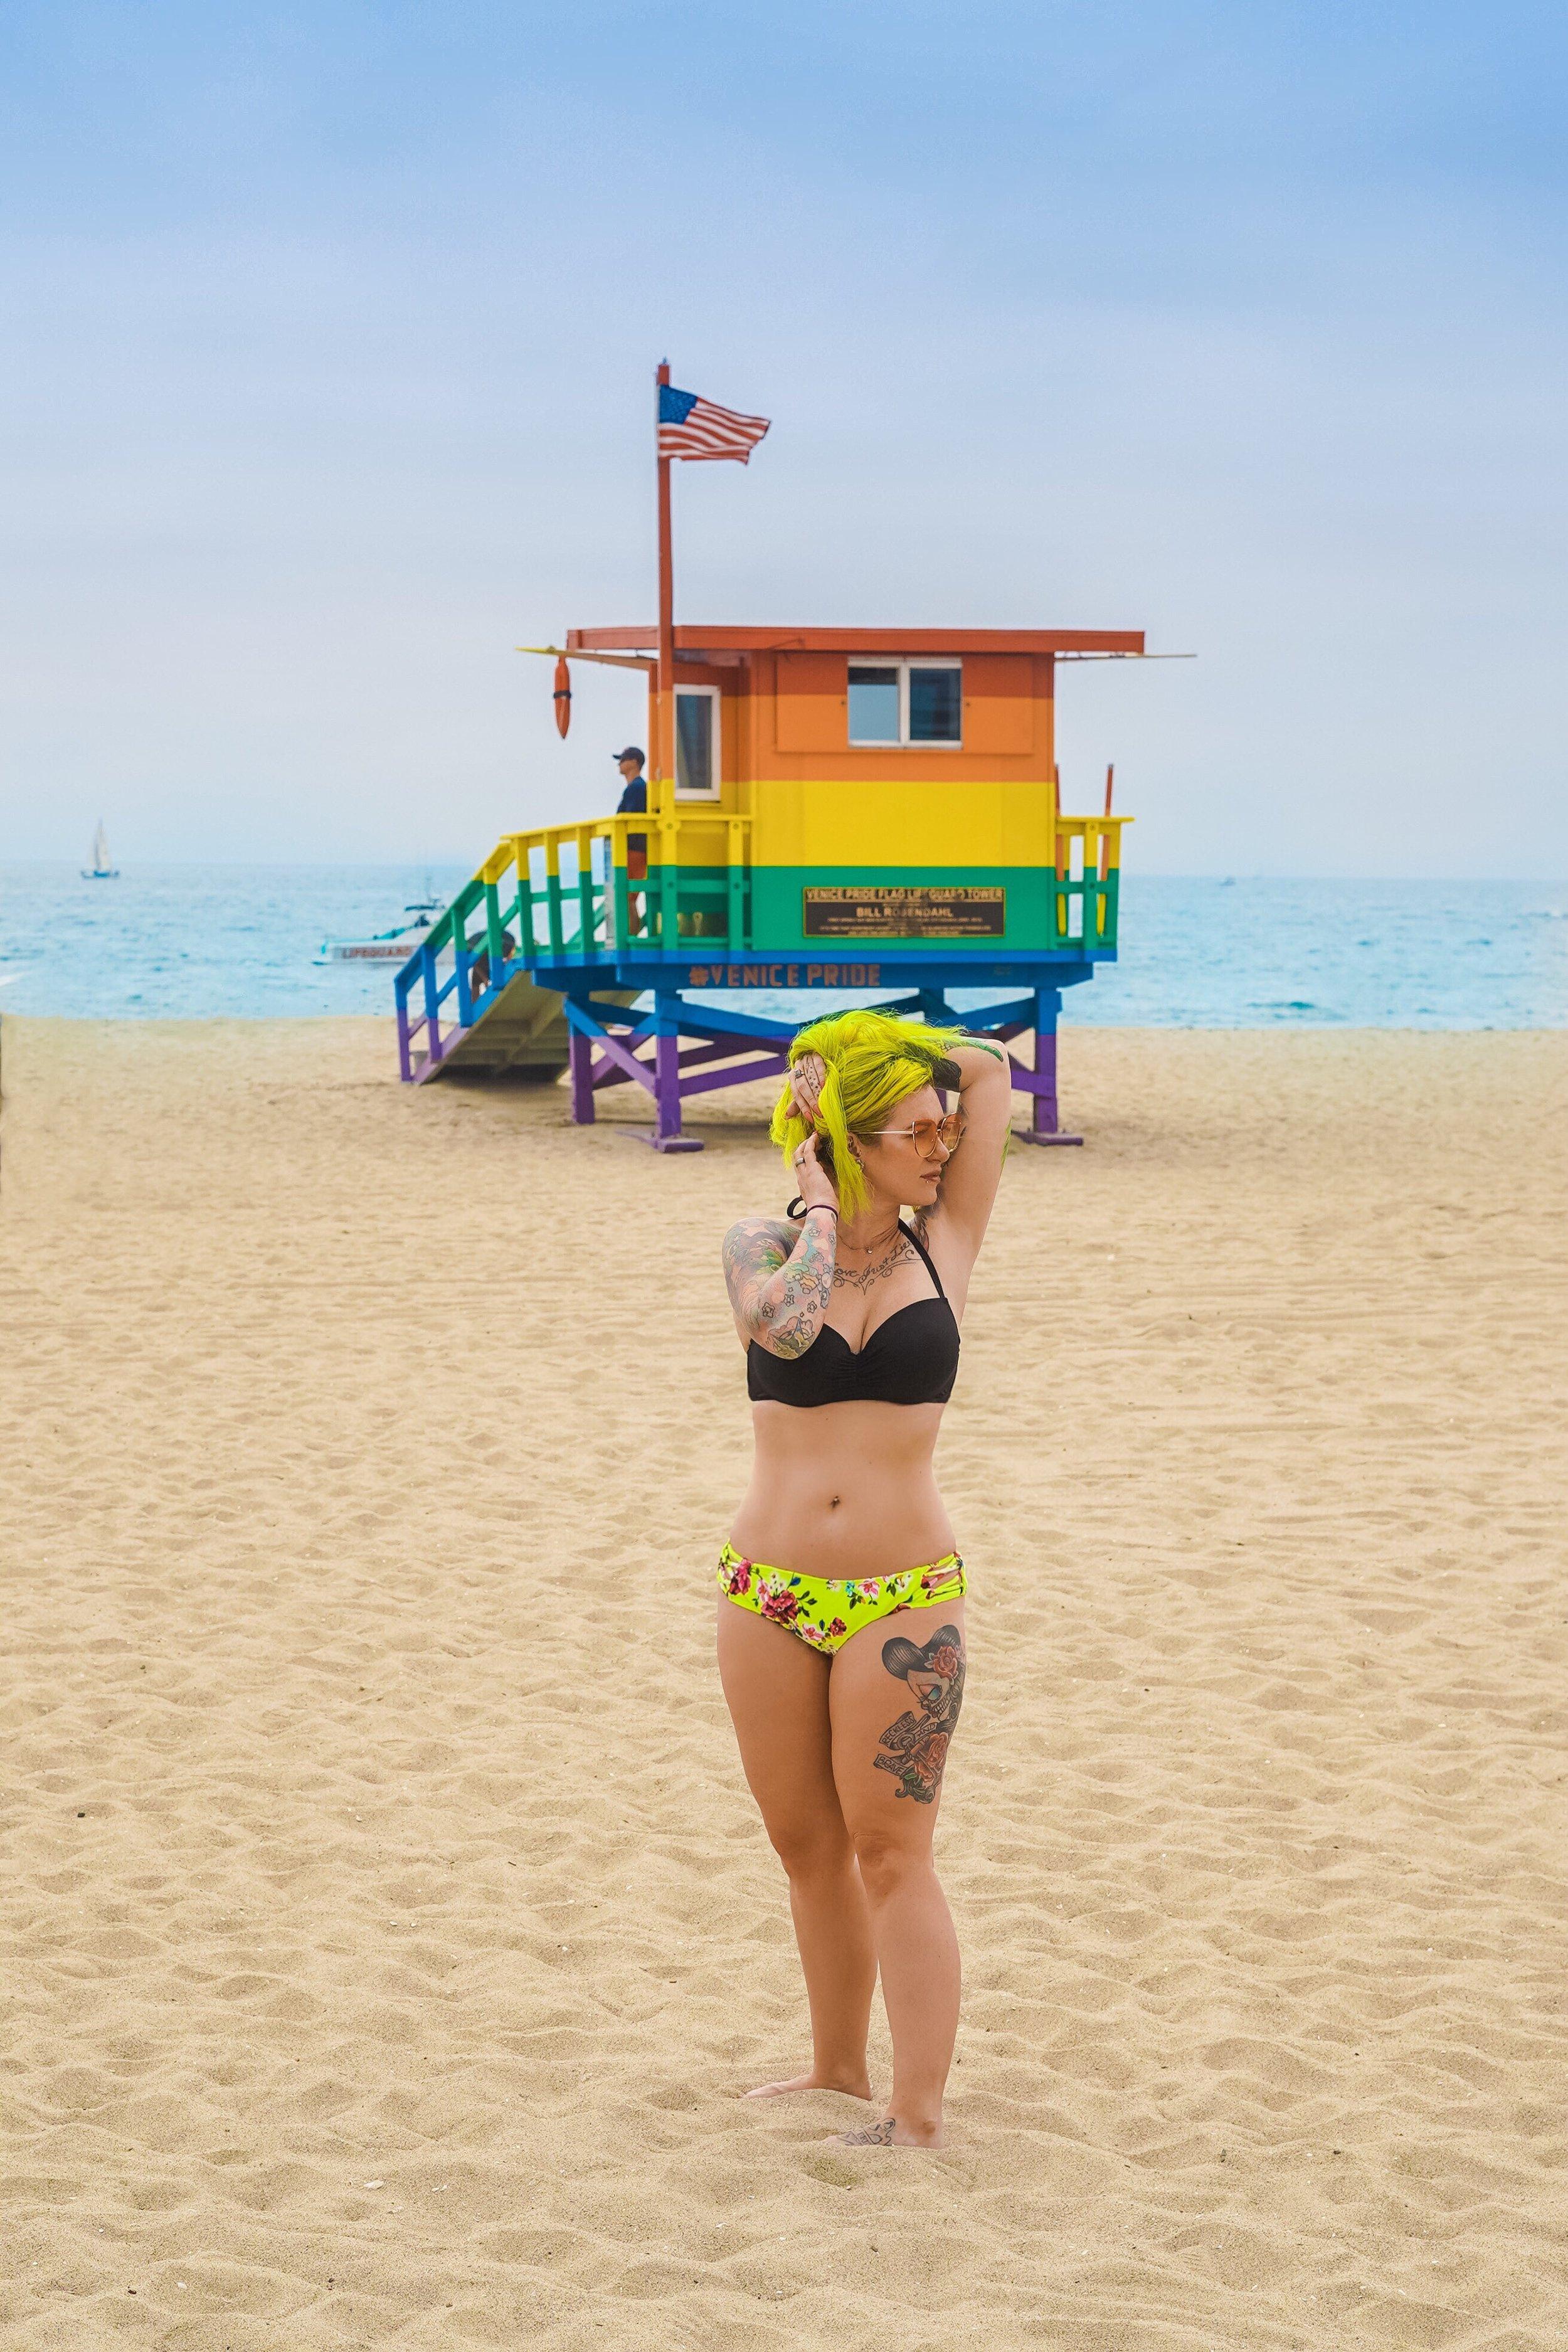 Rainbow lifeguard tower-Venice Beach California-The Chaos Collective